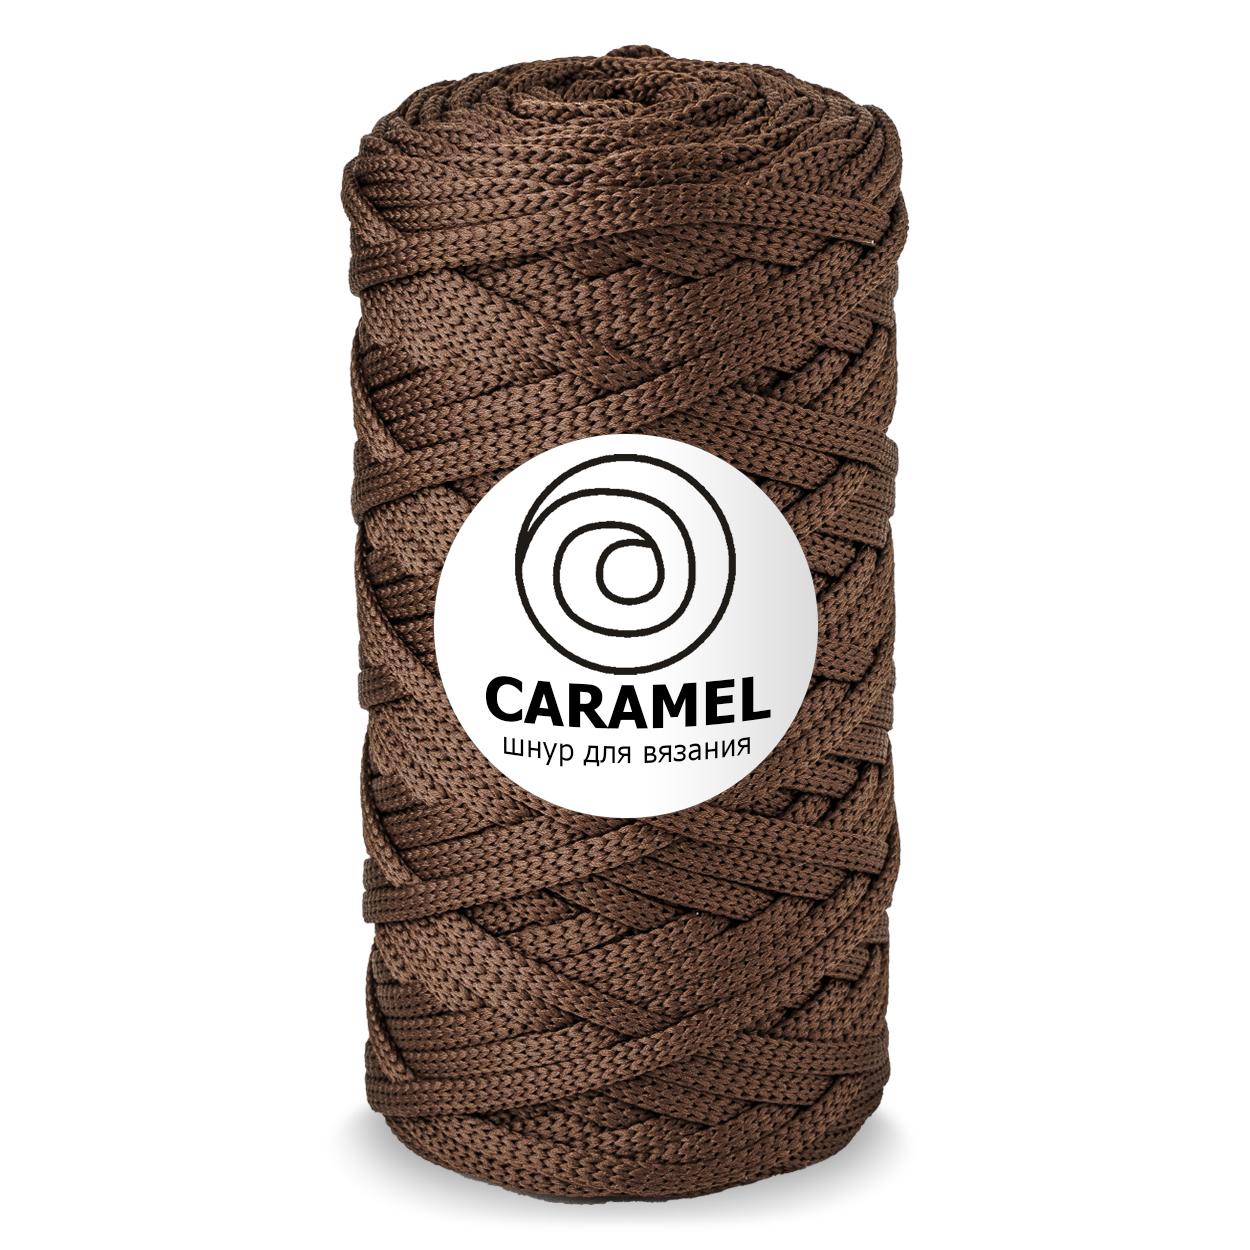 Плоский полиэфирный шнур Caramel Полиэфирный шнур Caramel Трюфель trufel-1250x1250_1_.jpg